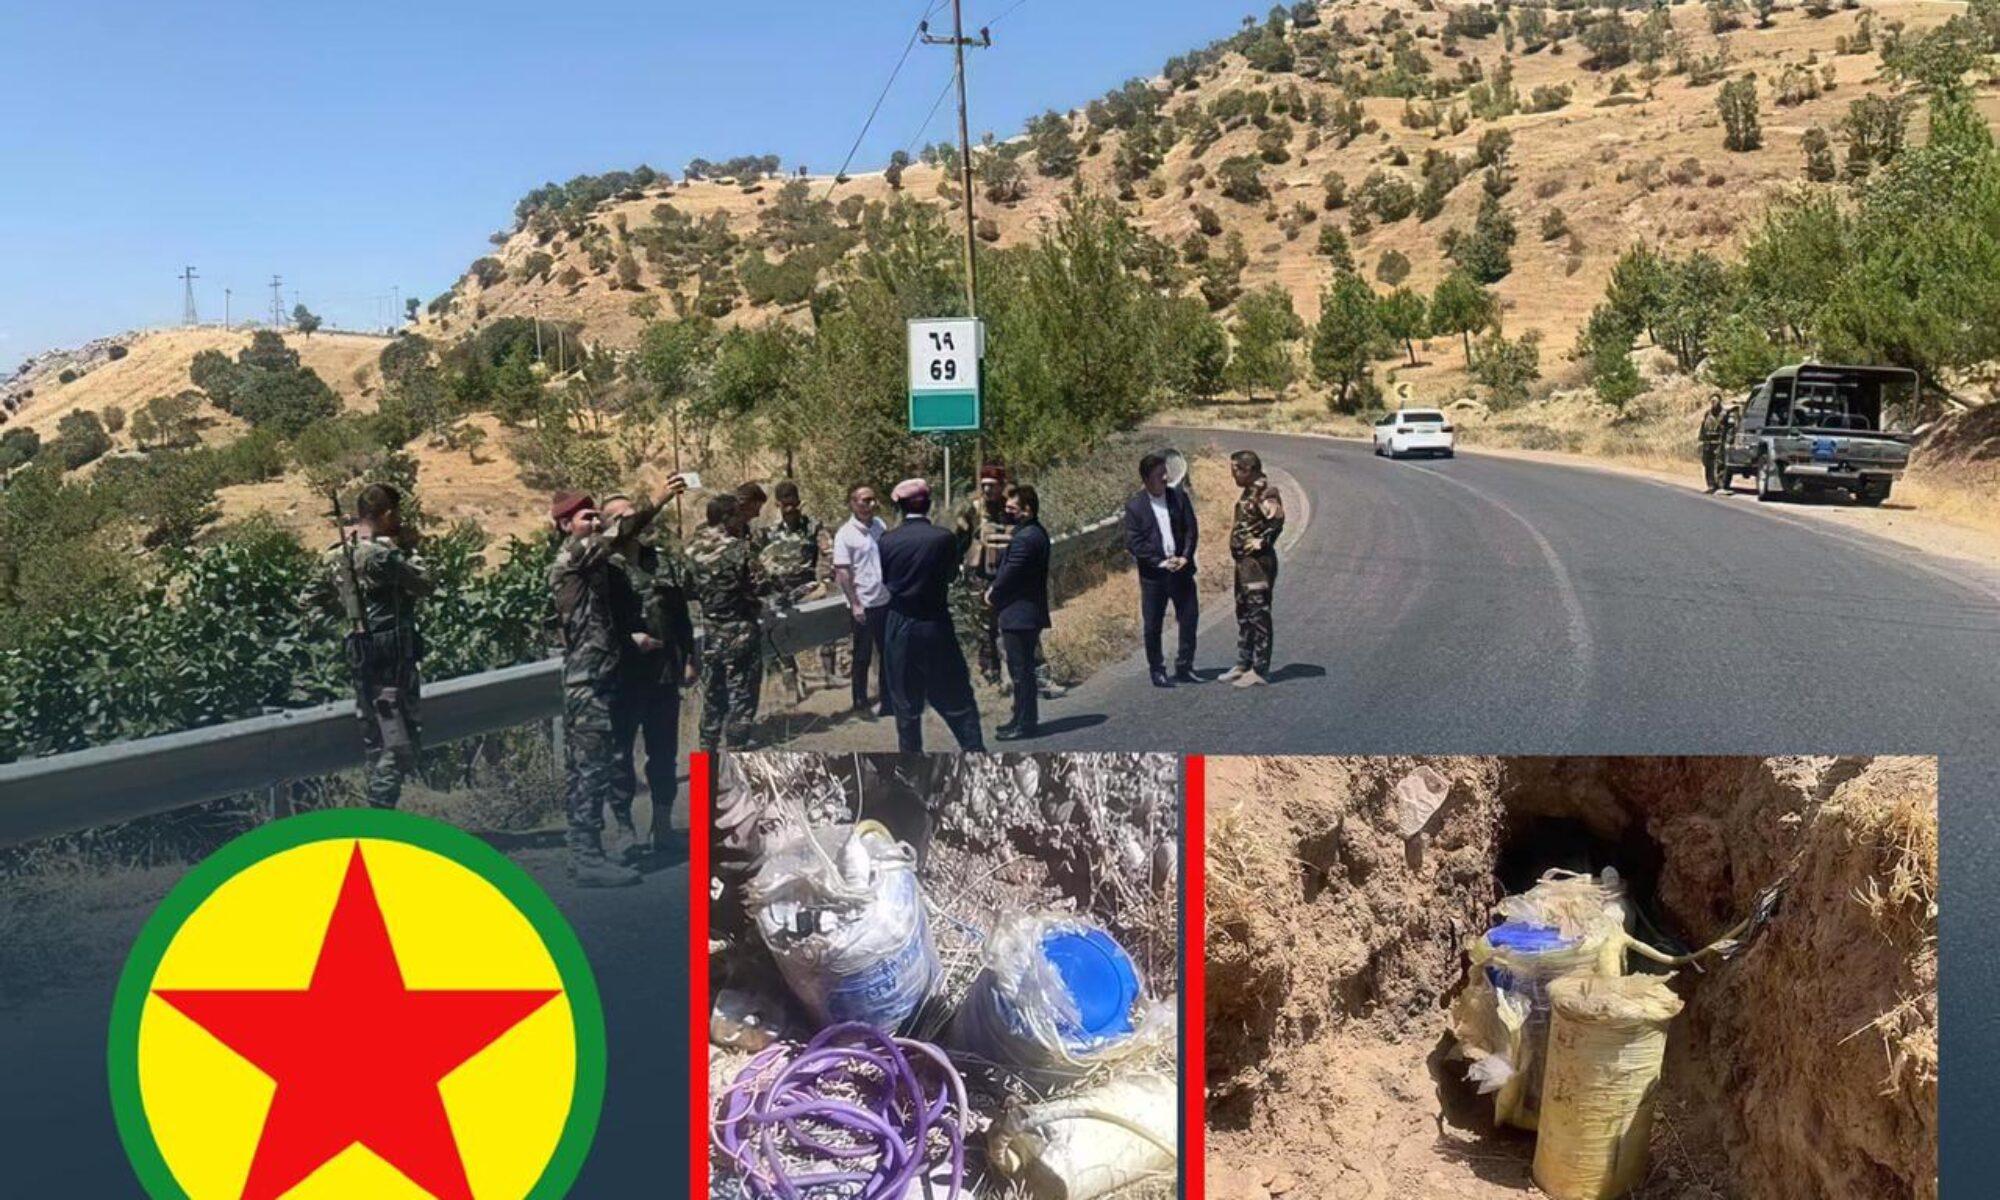 Peşmerge güçleri PKK'nin sivilllerin yoluna döşediği bir mayını daha imha etti Amediye, duhok, Deraluk, Mayın